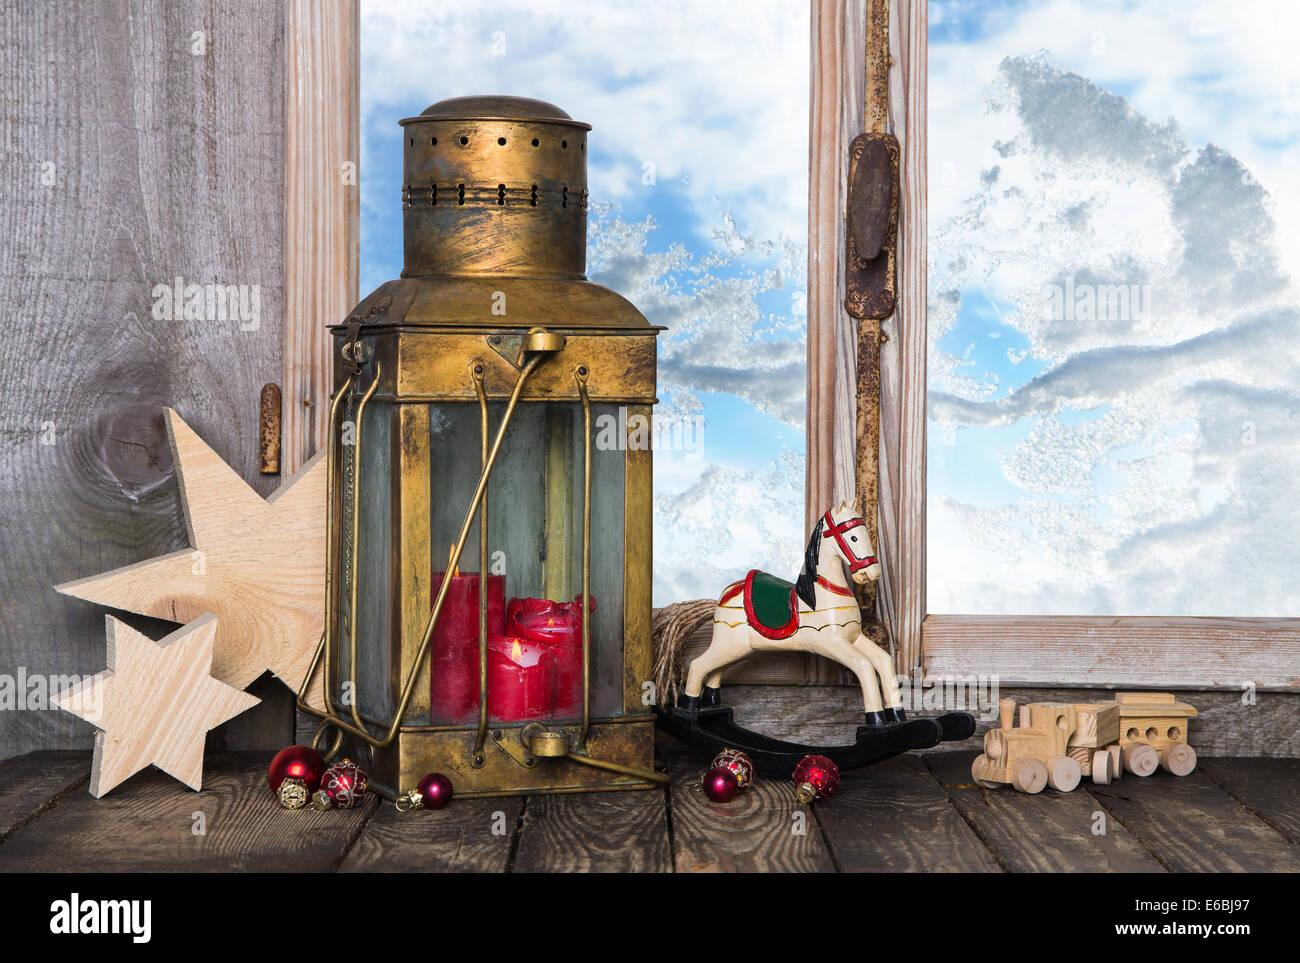 Nostalgische alte Weihnachts-Dekoration mit alten Spielsachen und eine alte Laterne mit Kerzen auf der Fensterbank. Stockbild